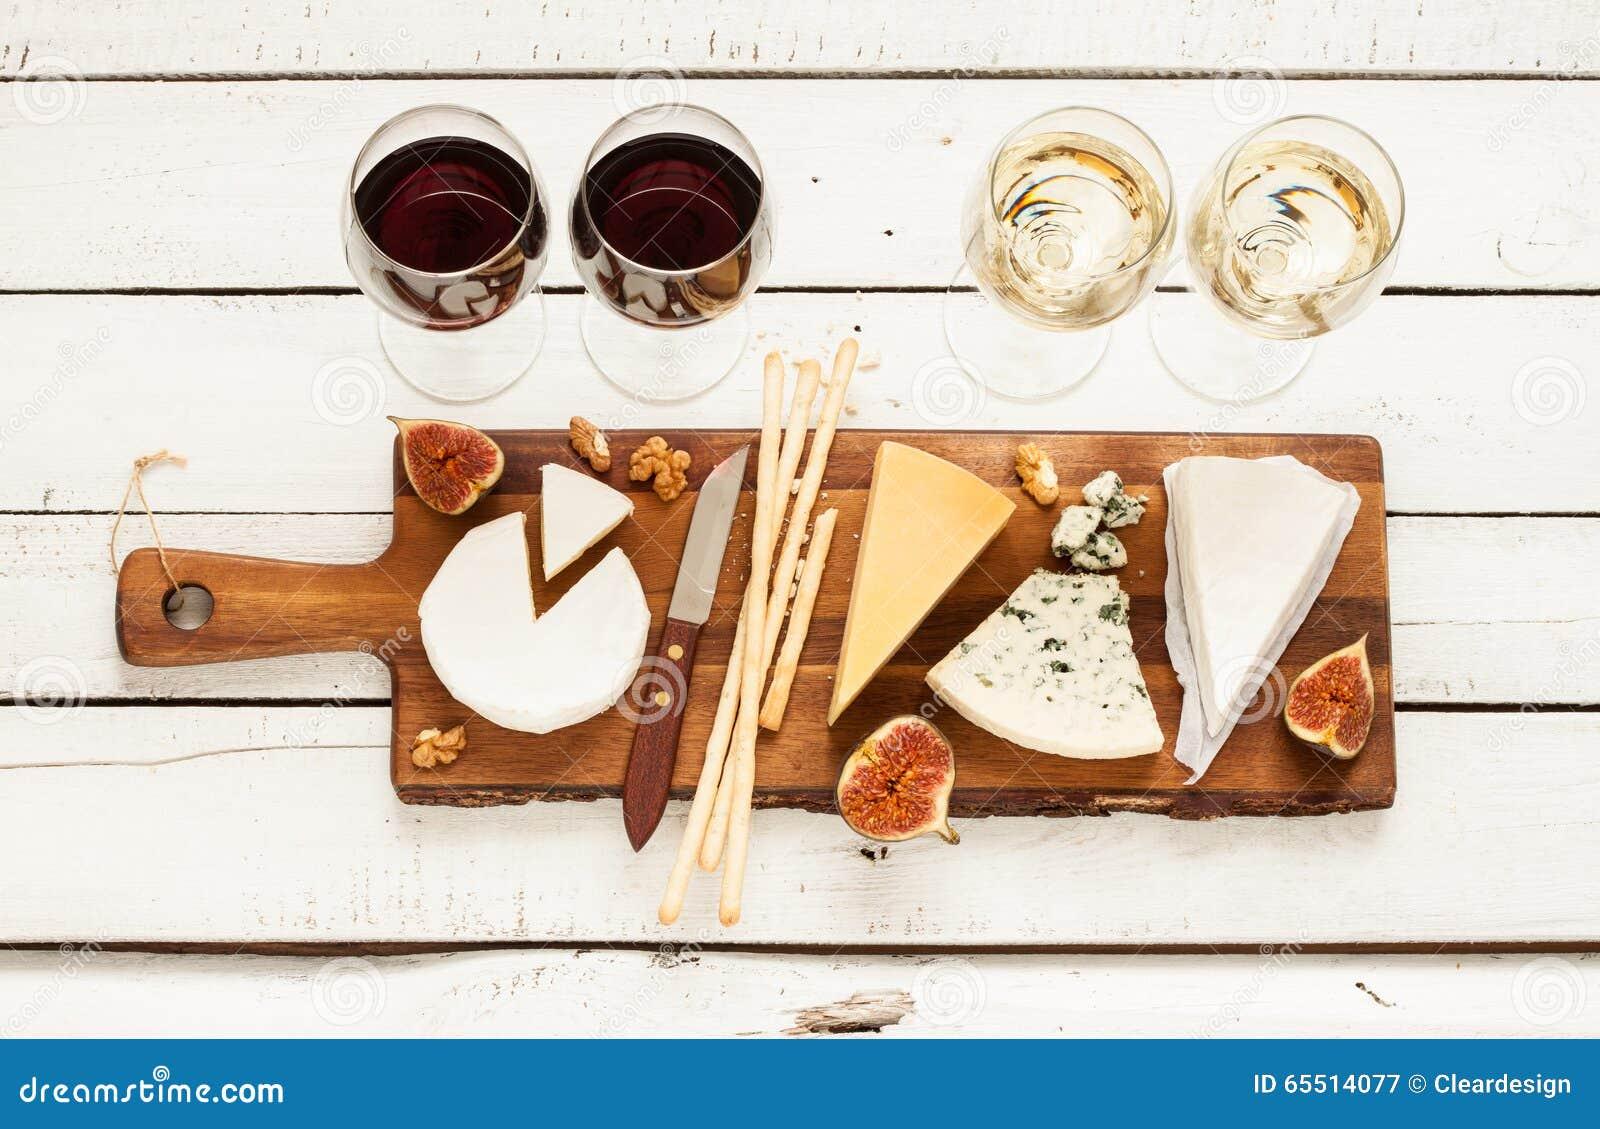 Vino rosso e bianco più i generi differenti di formaggi (cheeseboard)